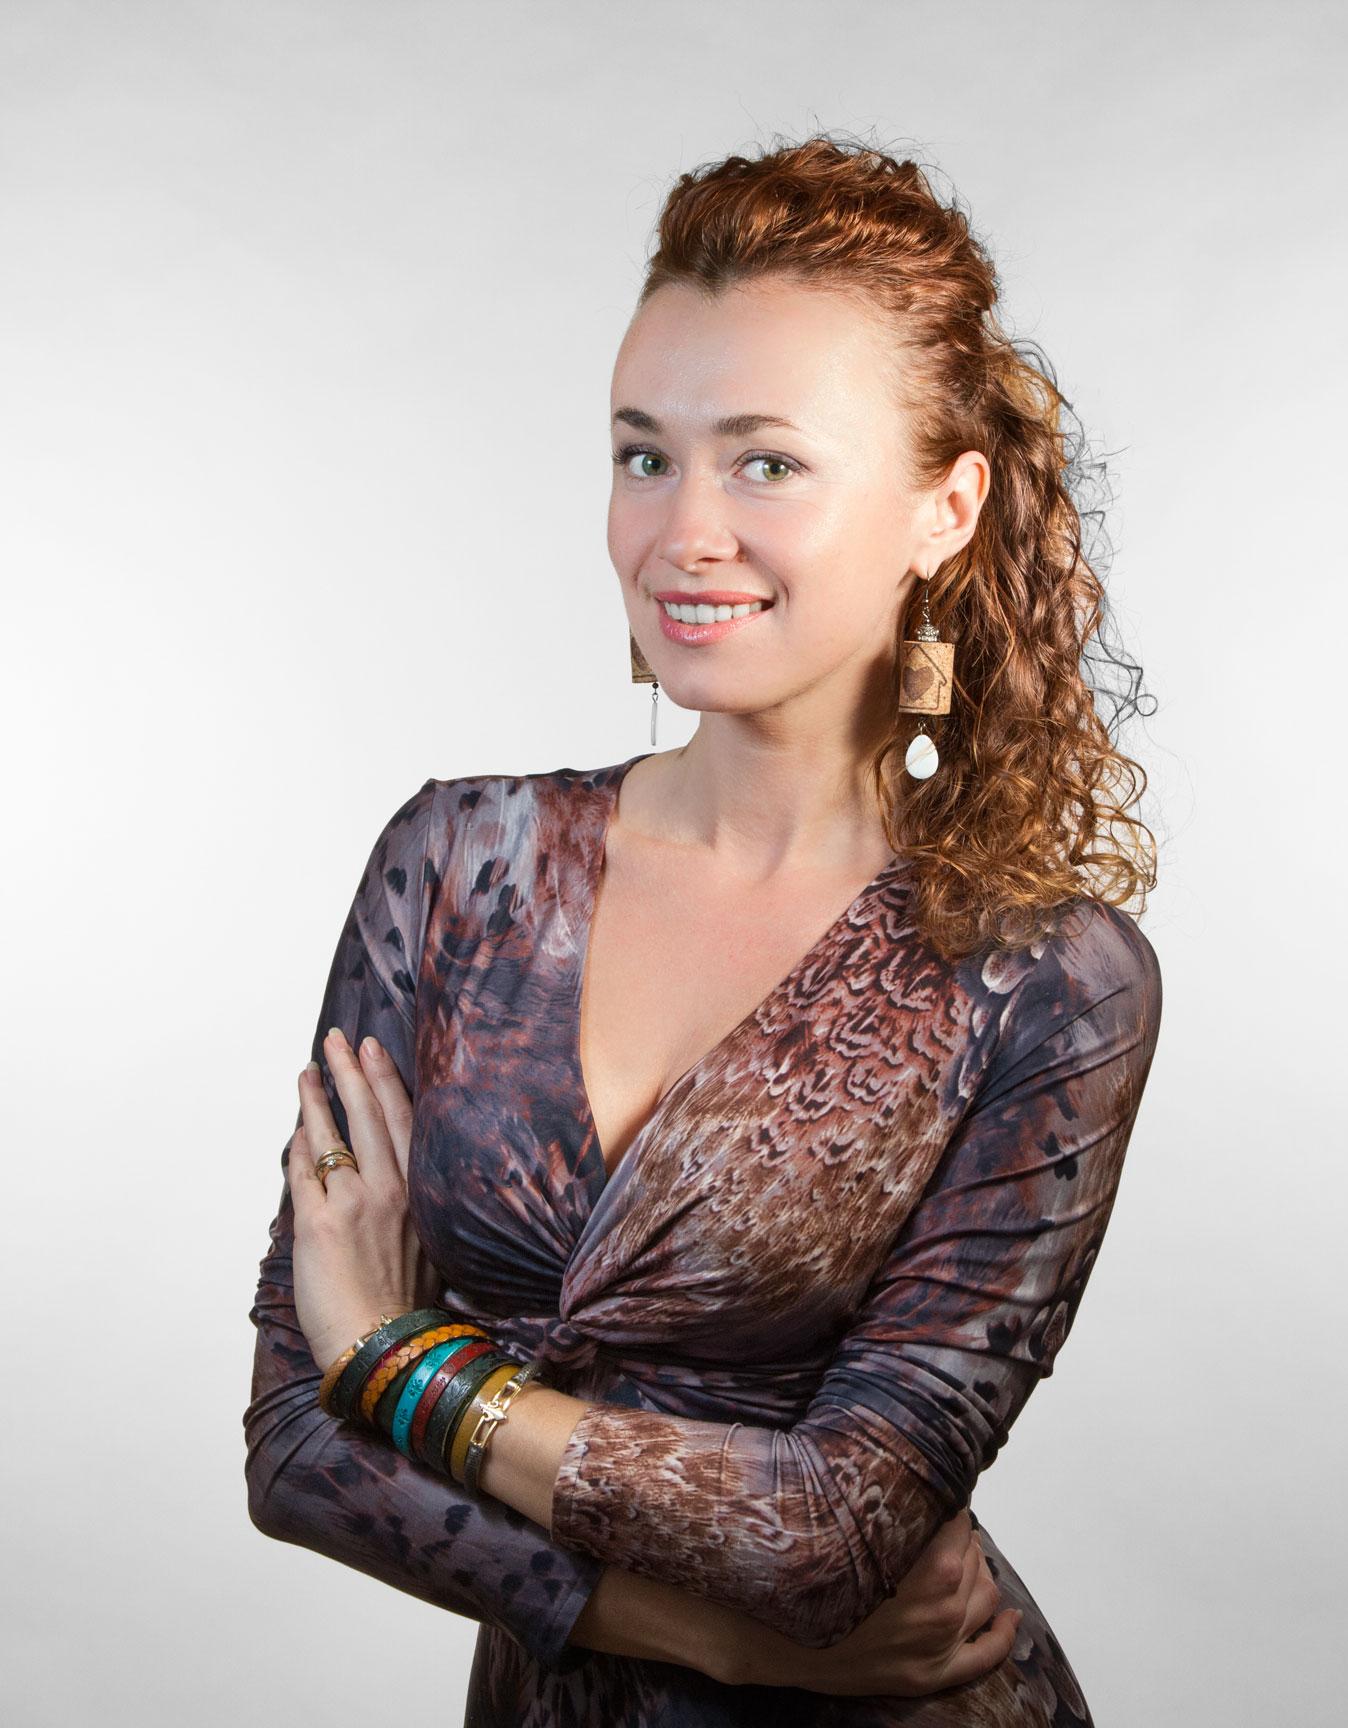 Luidmila Musatova